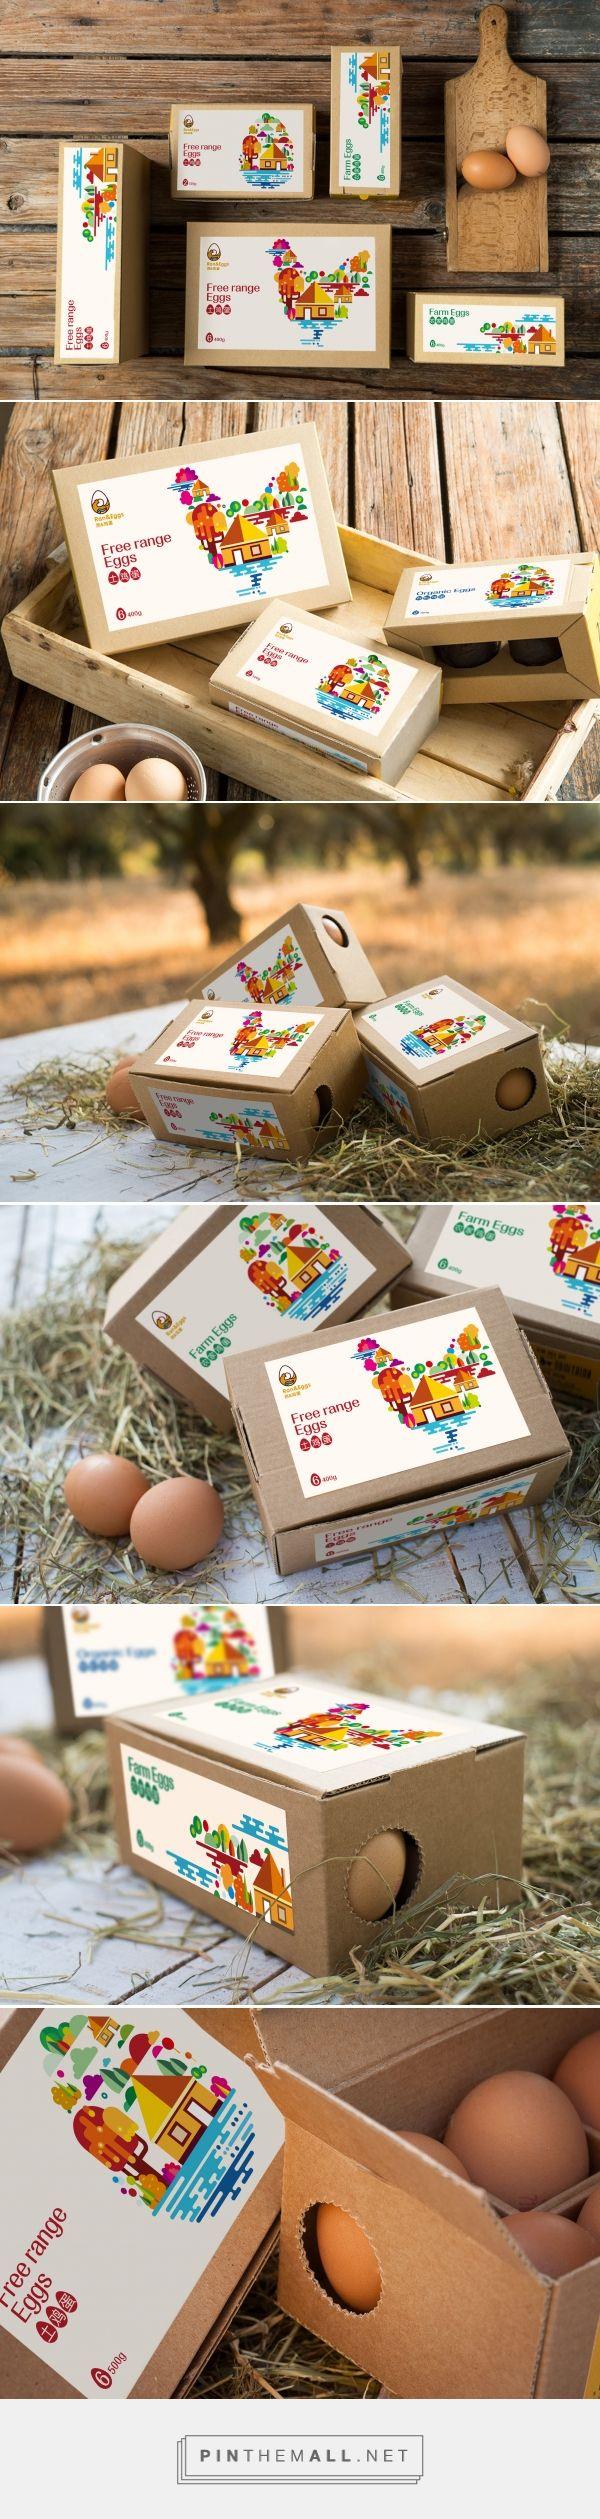 土鸡蛋包装设计[排沙设计]-古田路9号 - created via https://pinthemall.net